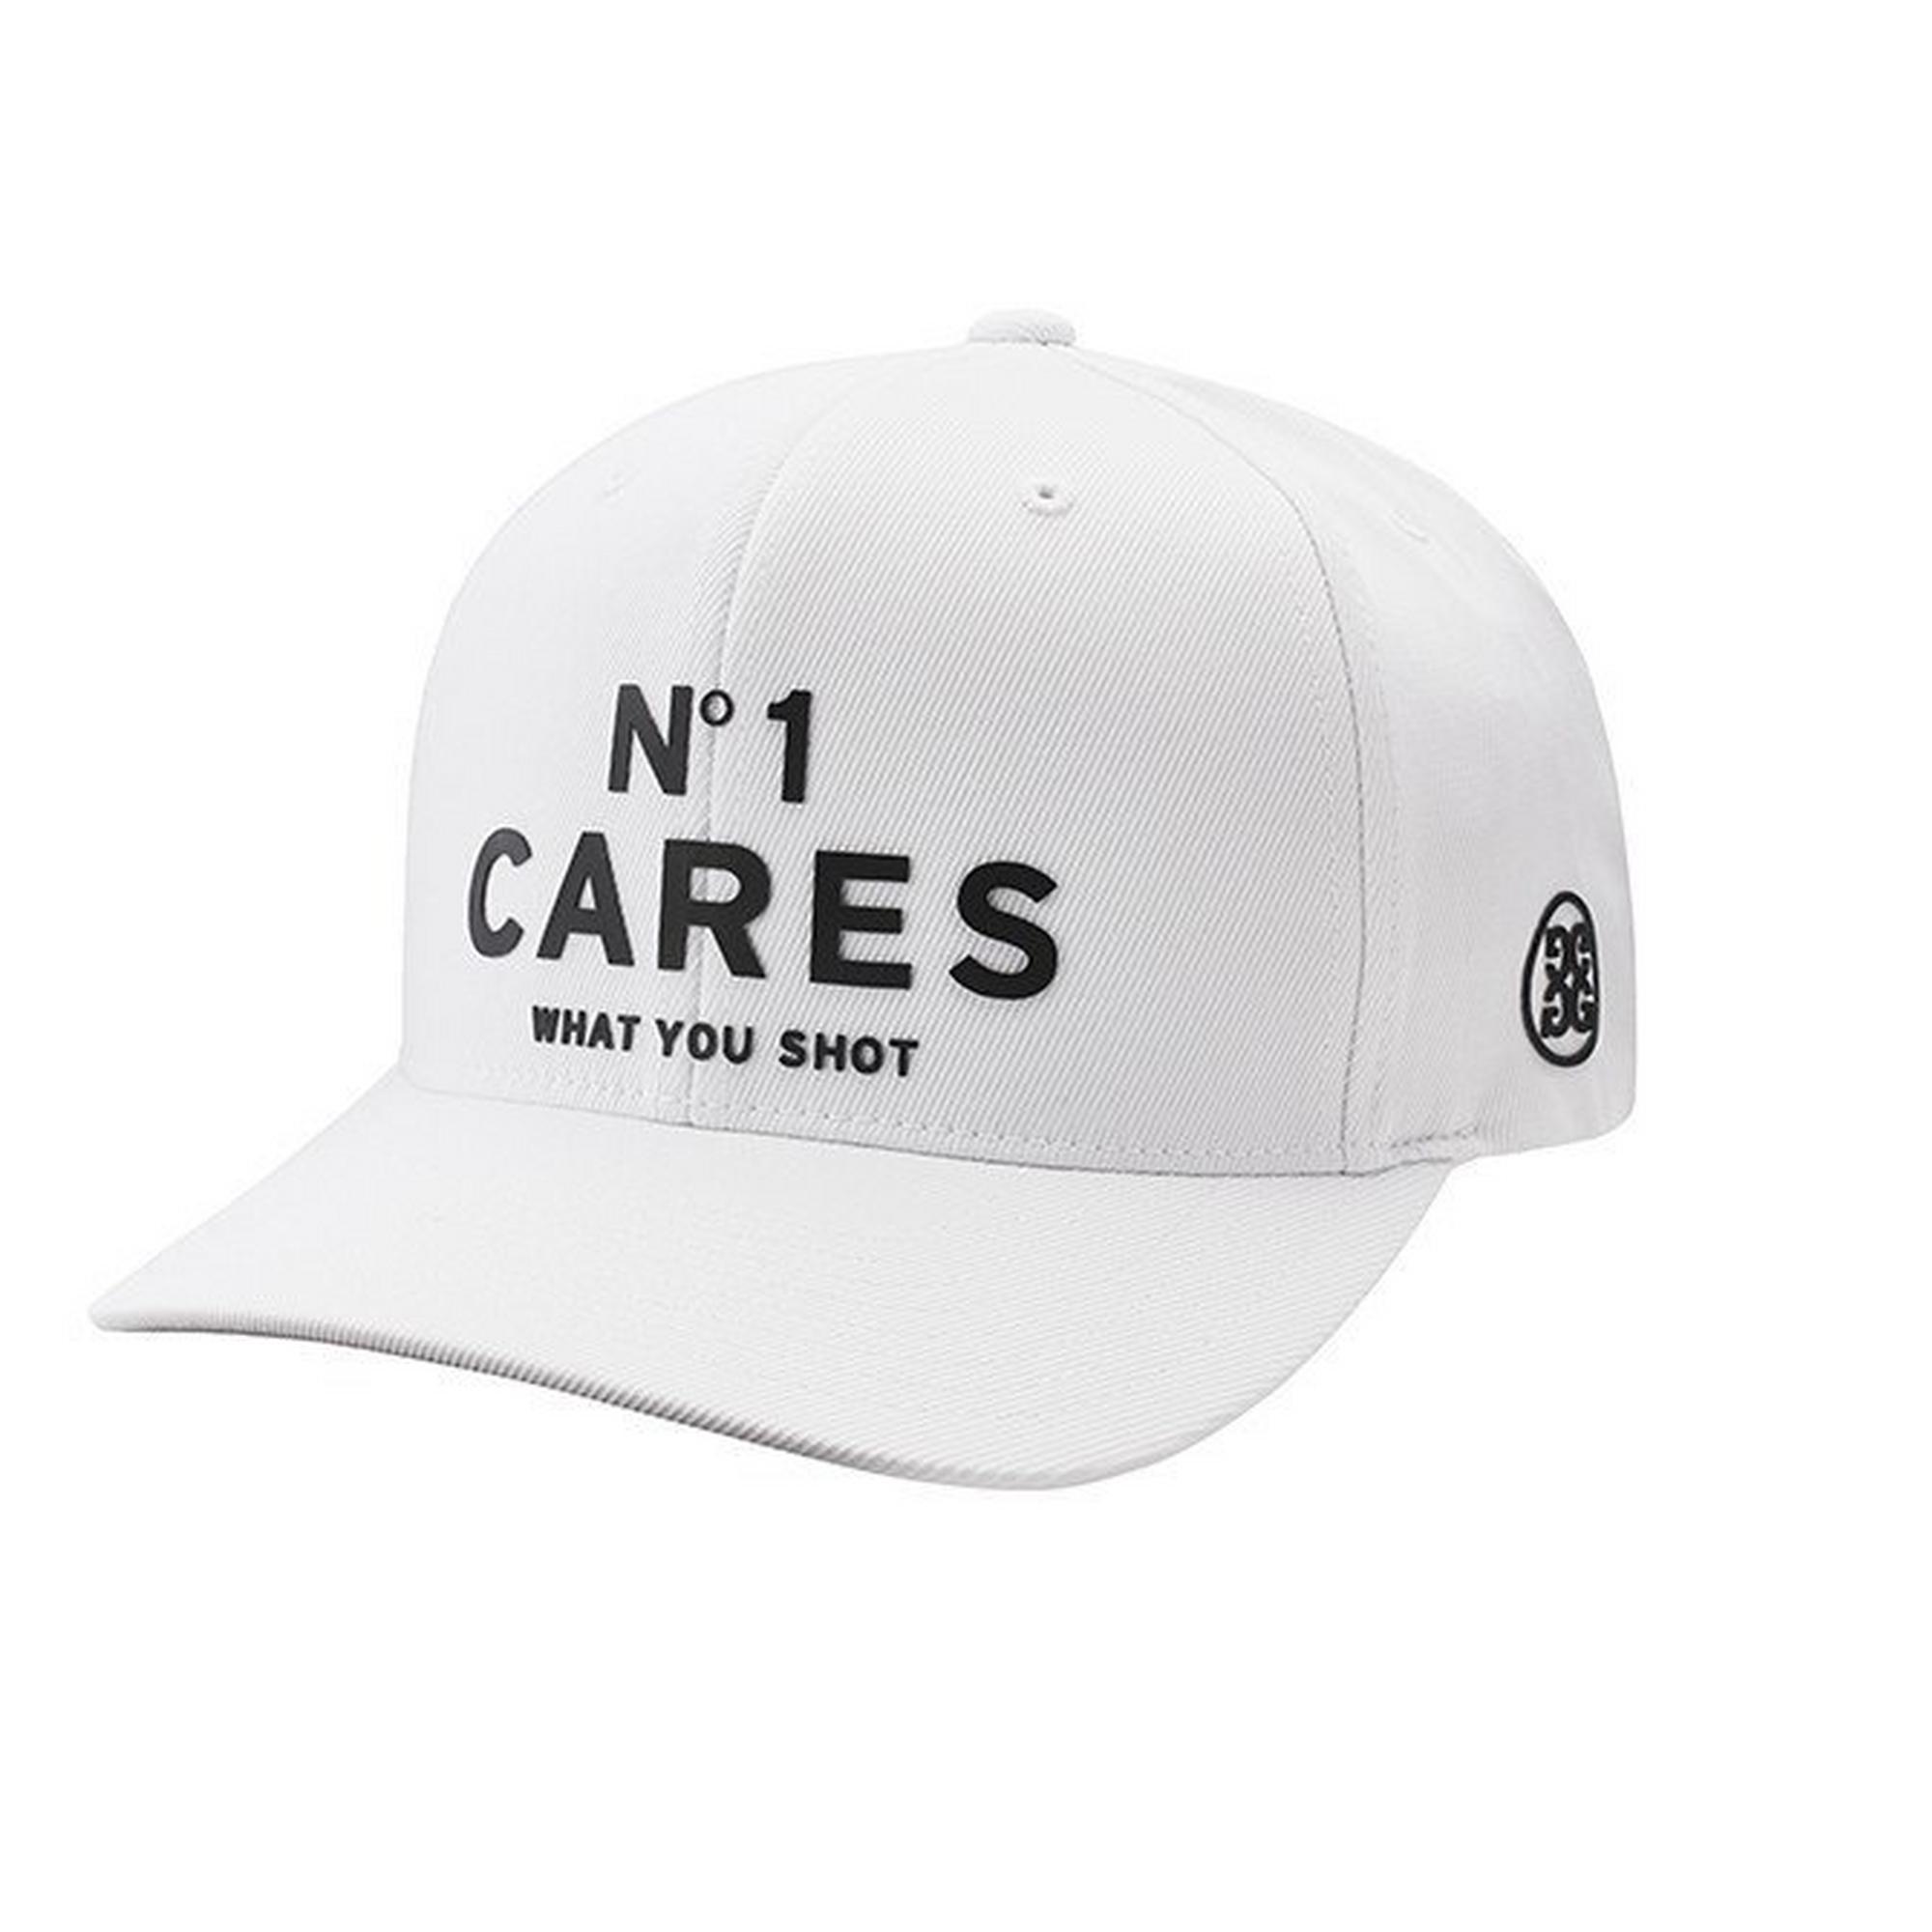 Men's No 1 Cares Snapback Cap